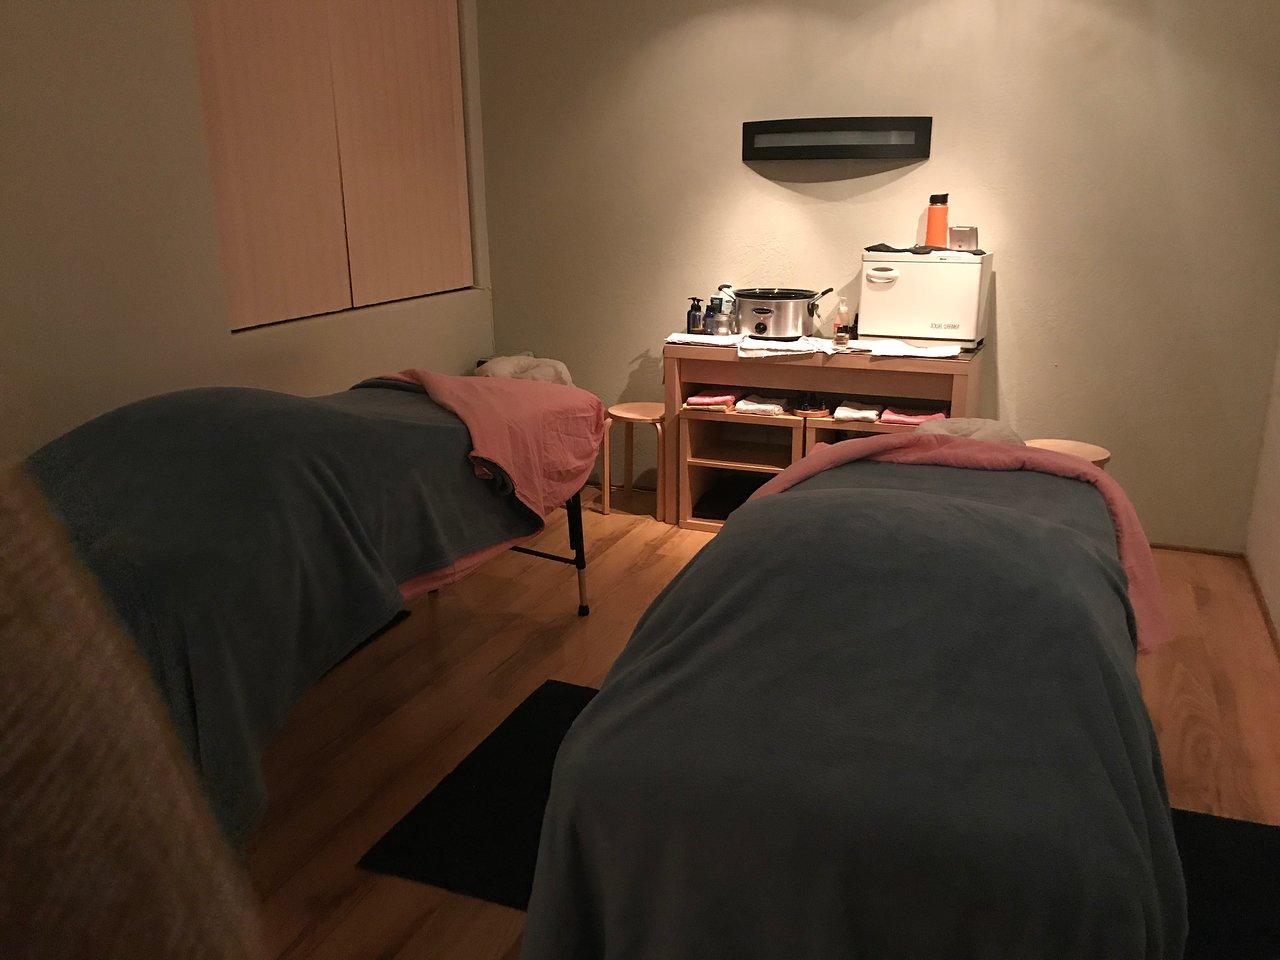 sedona arizona fogyás spa